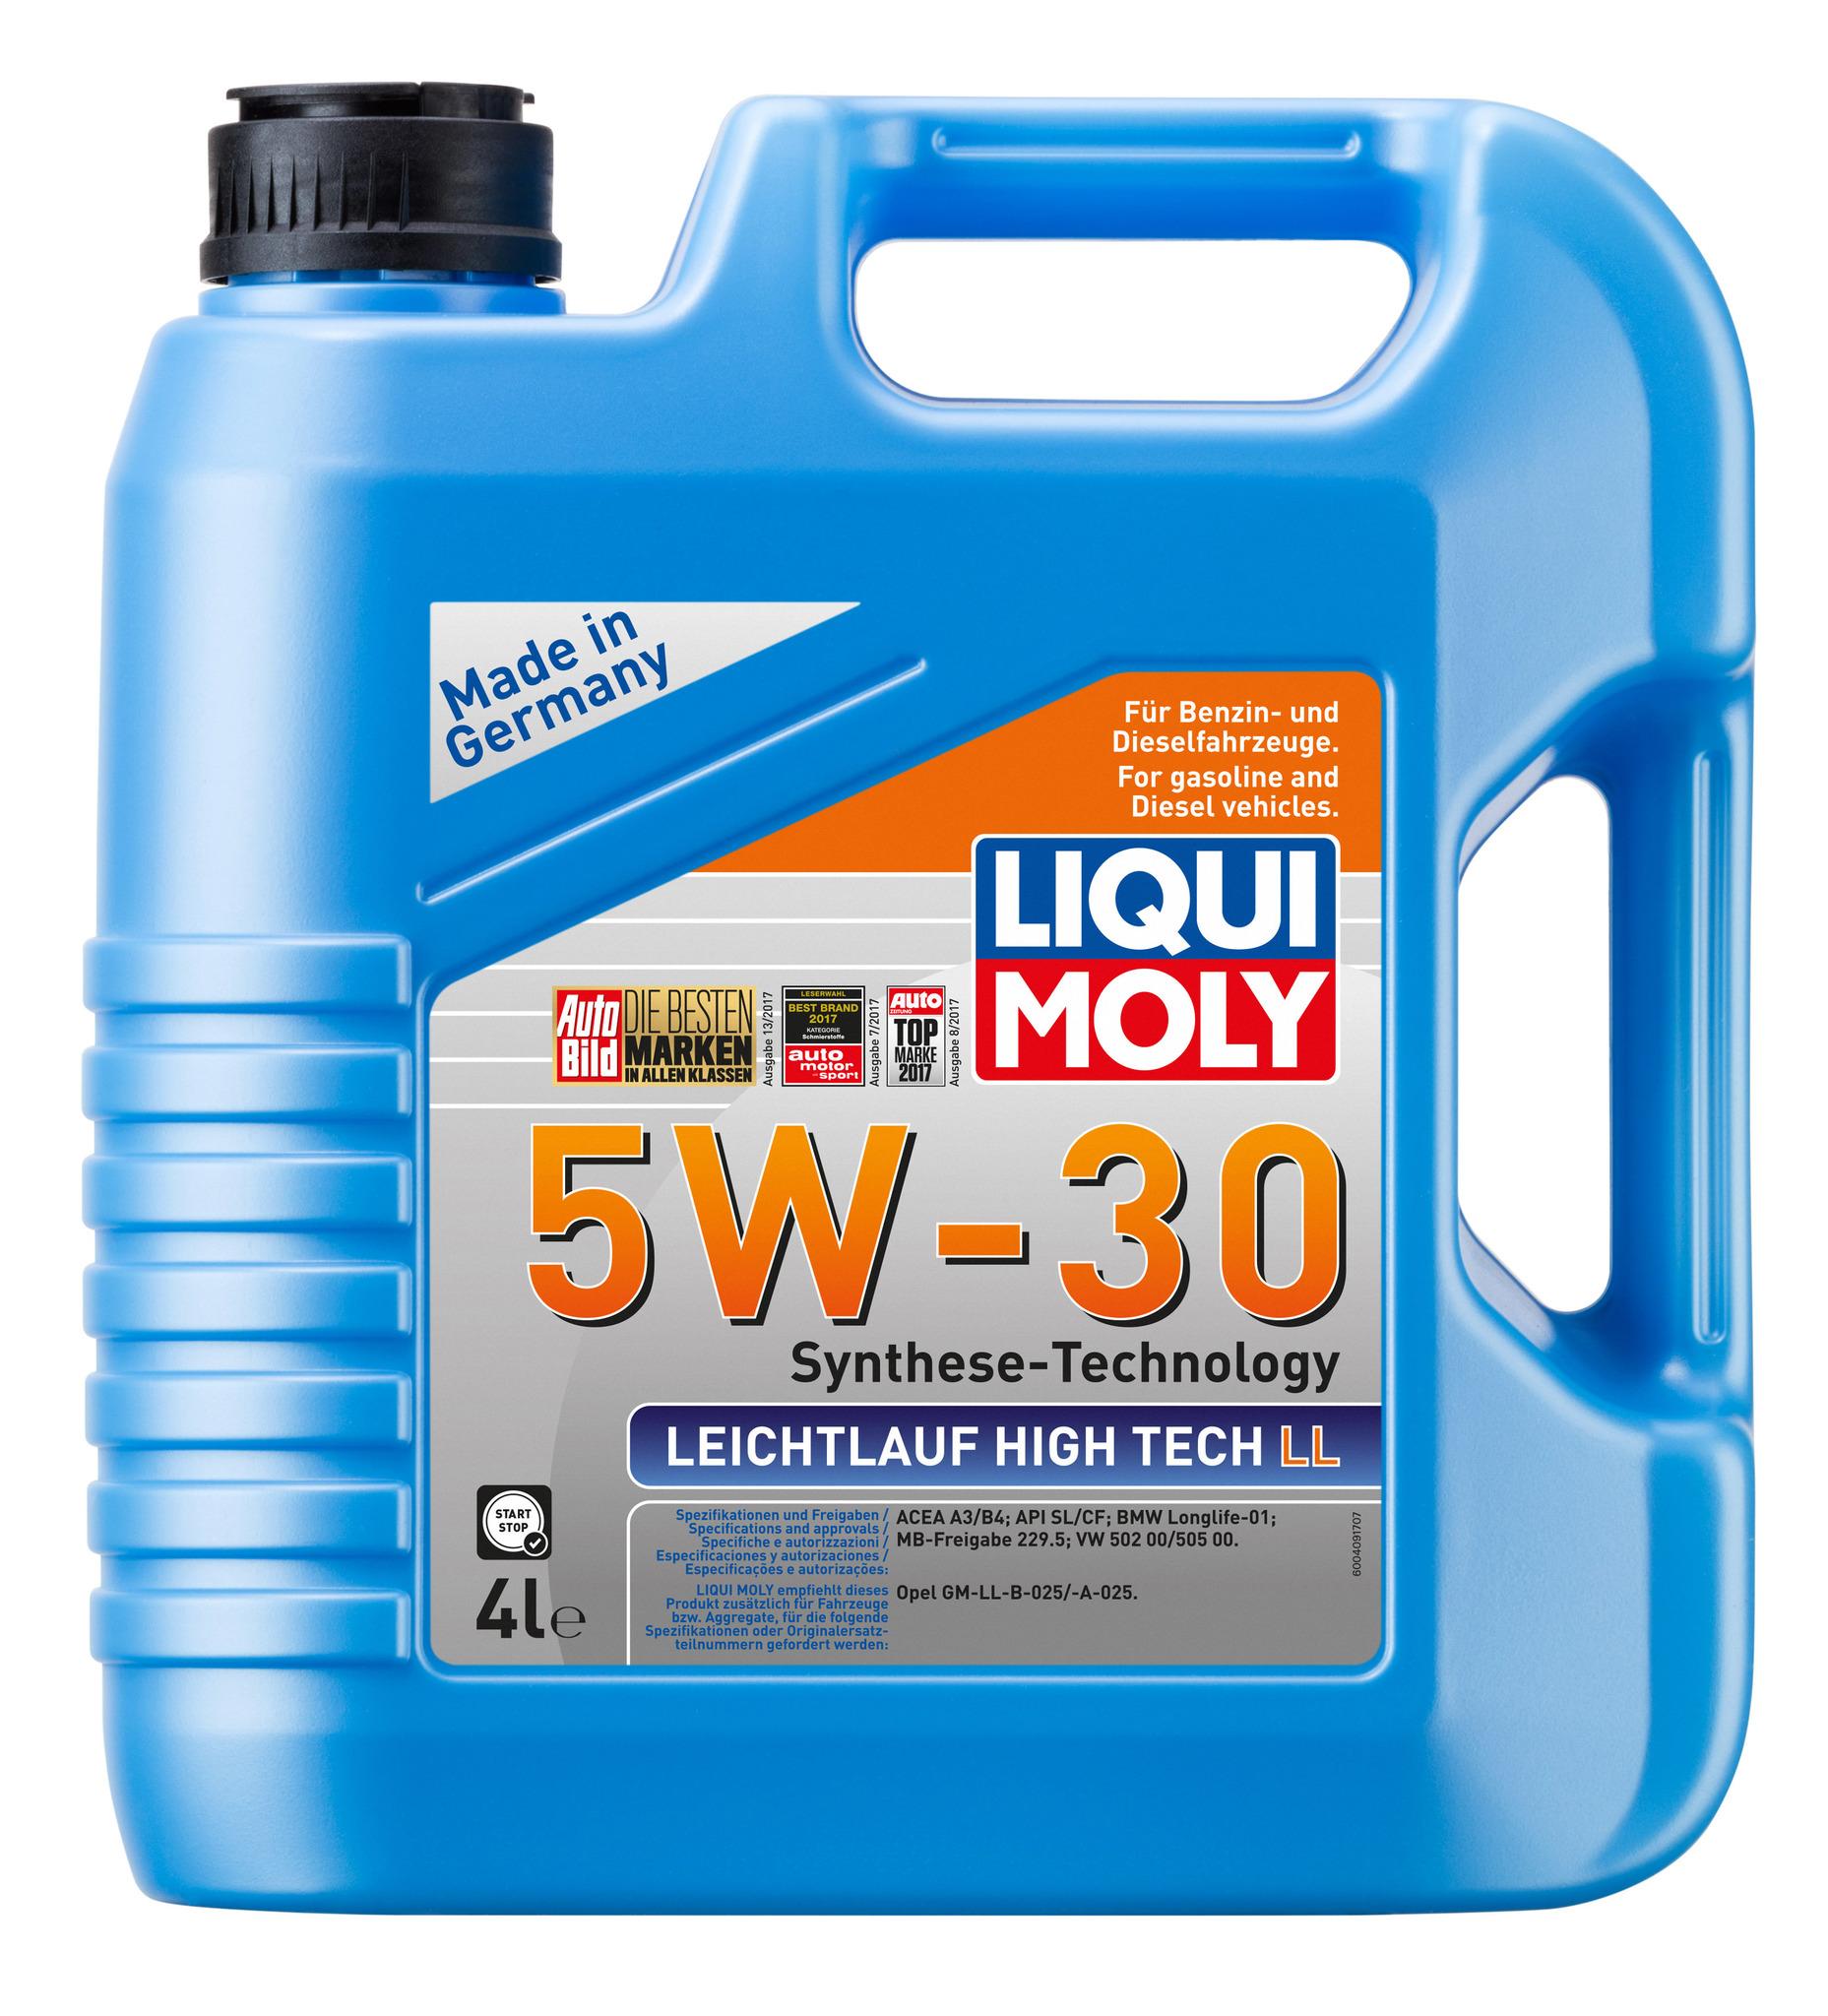 Liqui Moly Leichtlauf High Tech LL 5W30 НС синтетическое моторное масло